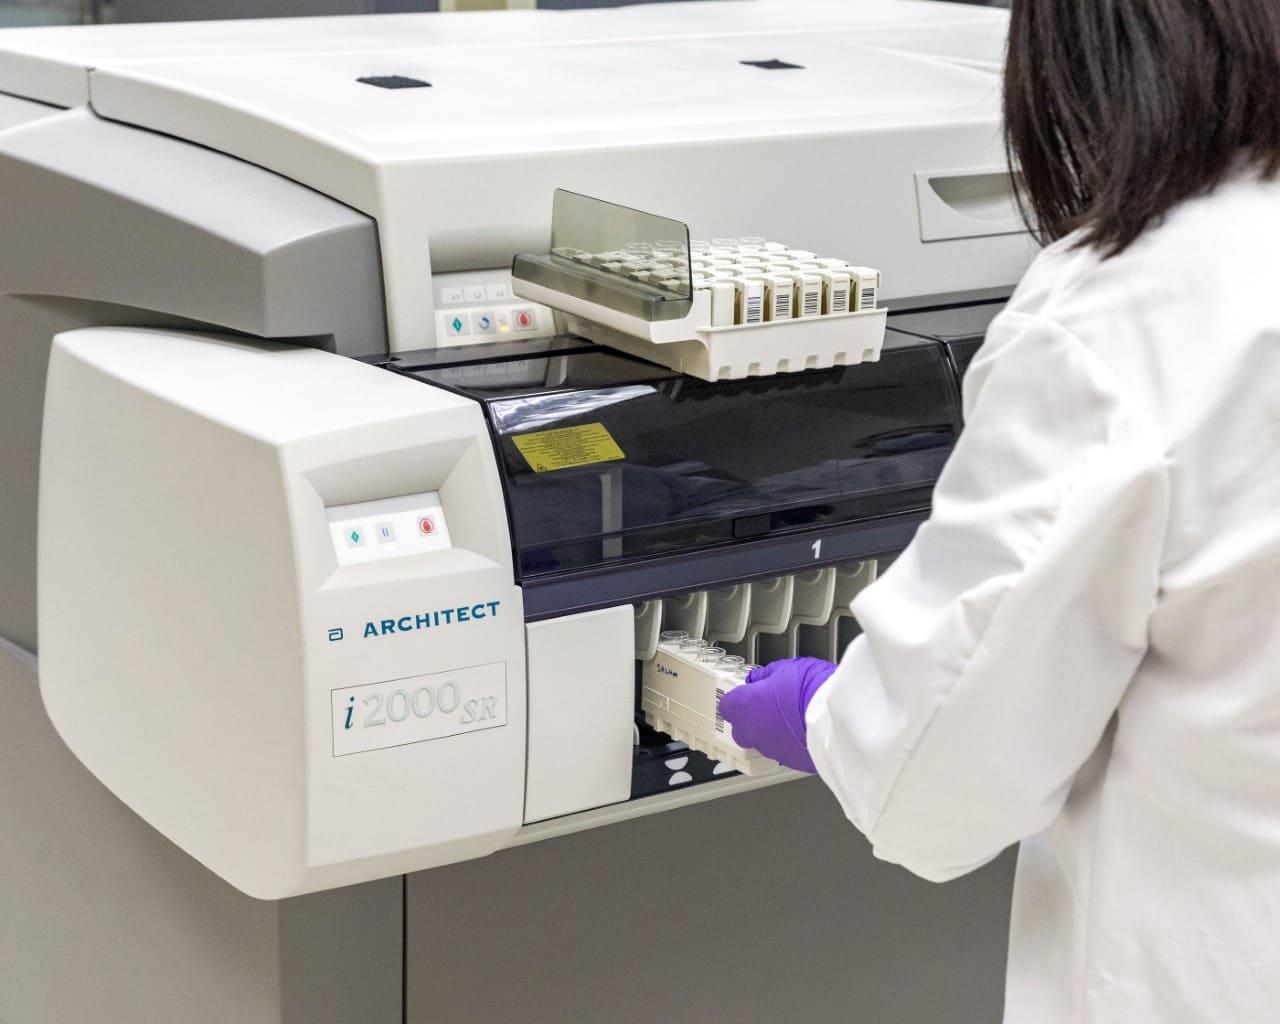 Abbott anunció la disponibilidad de su prueba de anticuerpos COVID-19 en Ecuador, para uso en laboratorio